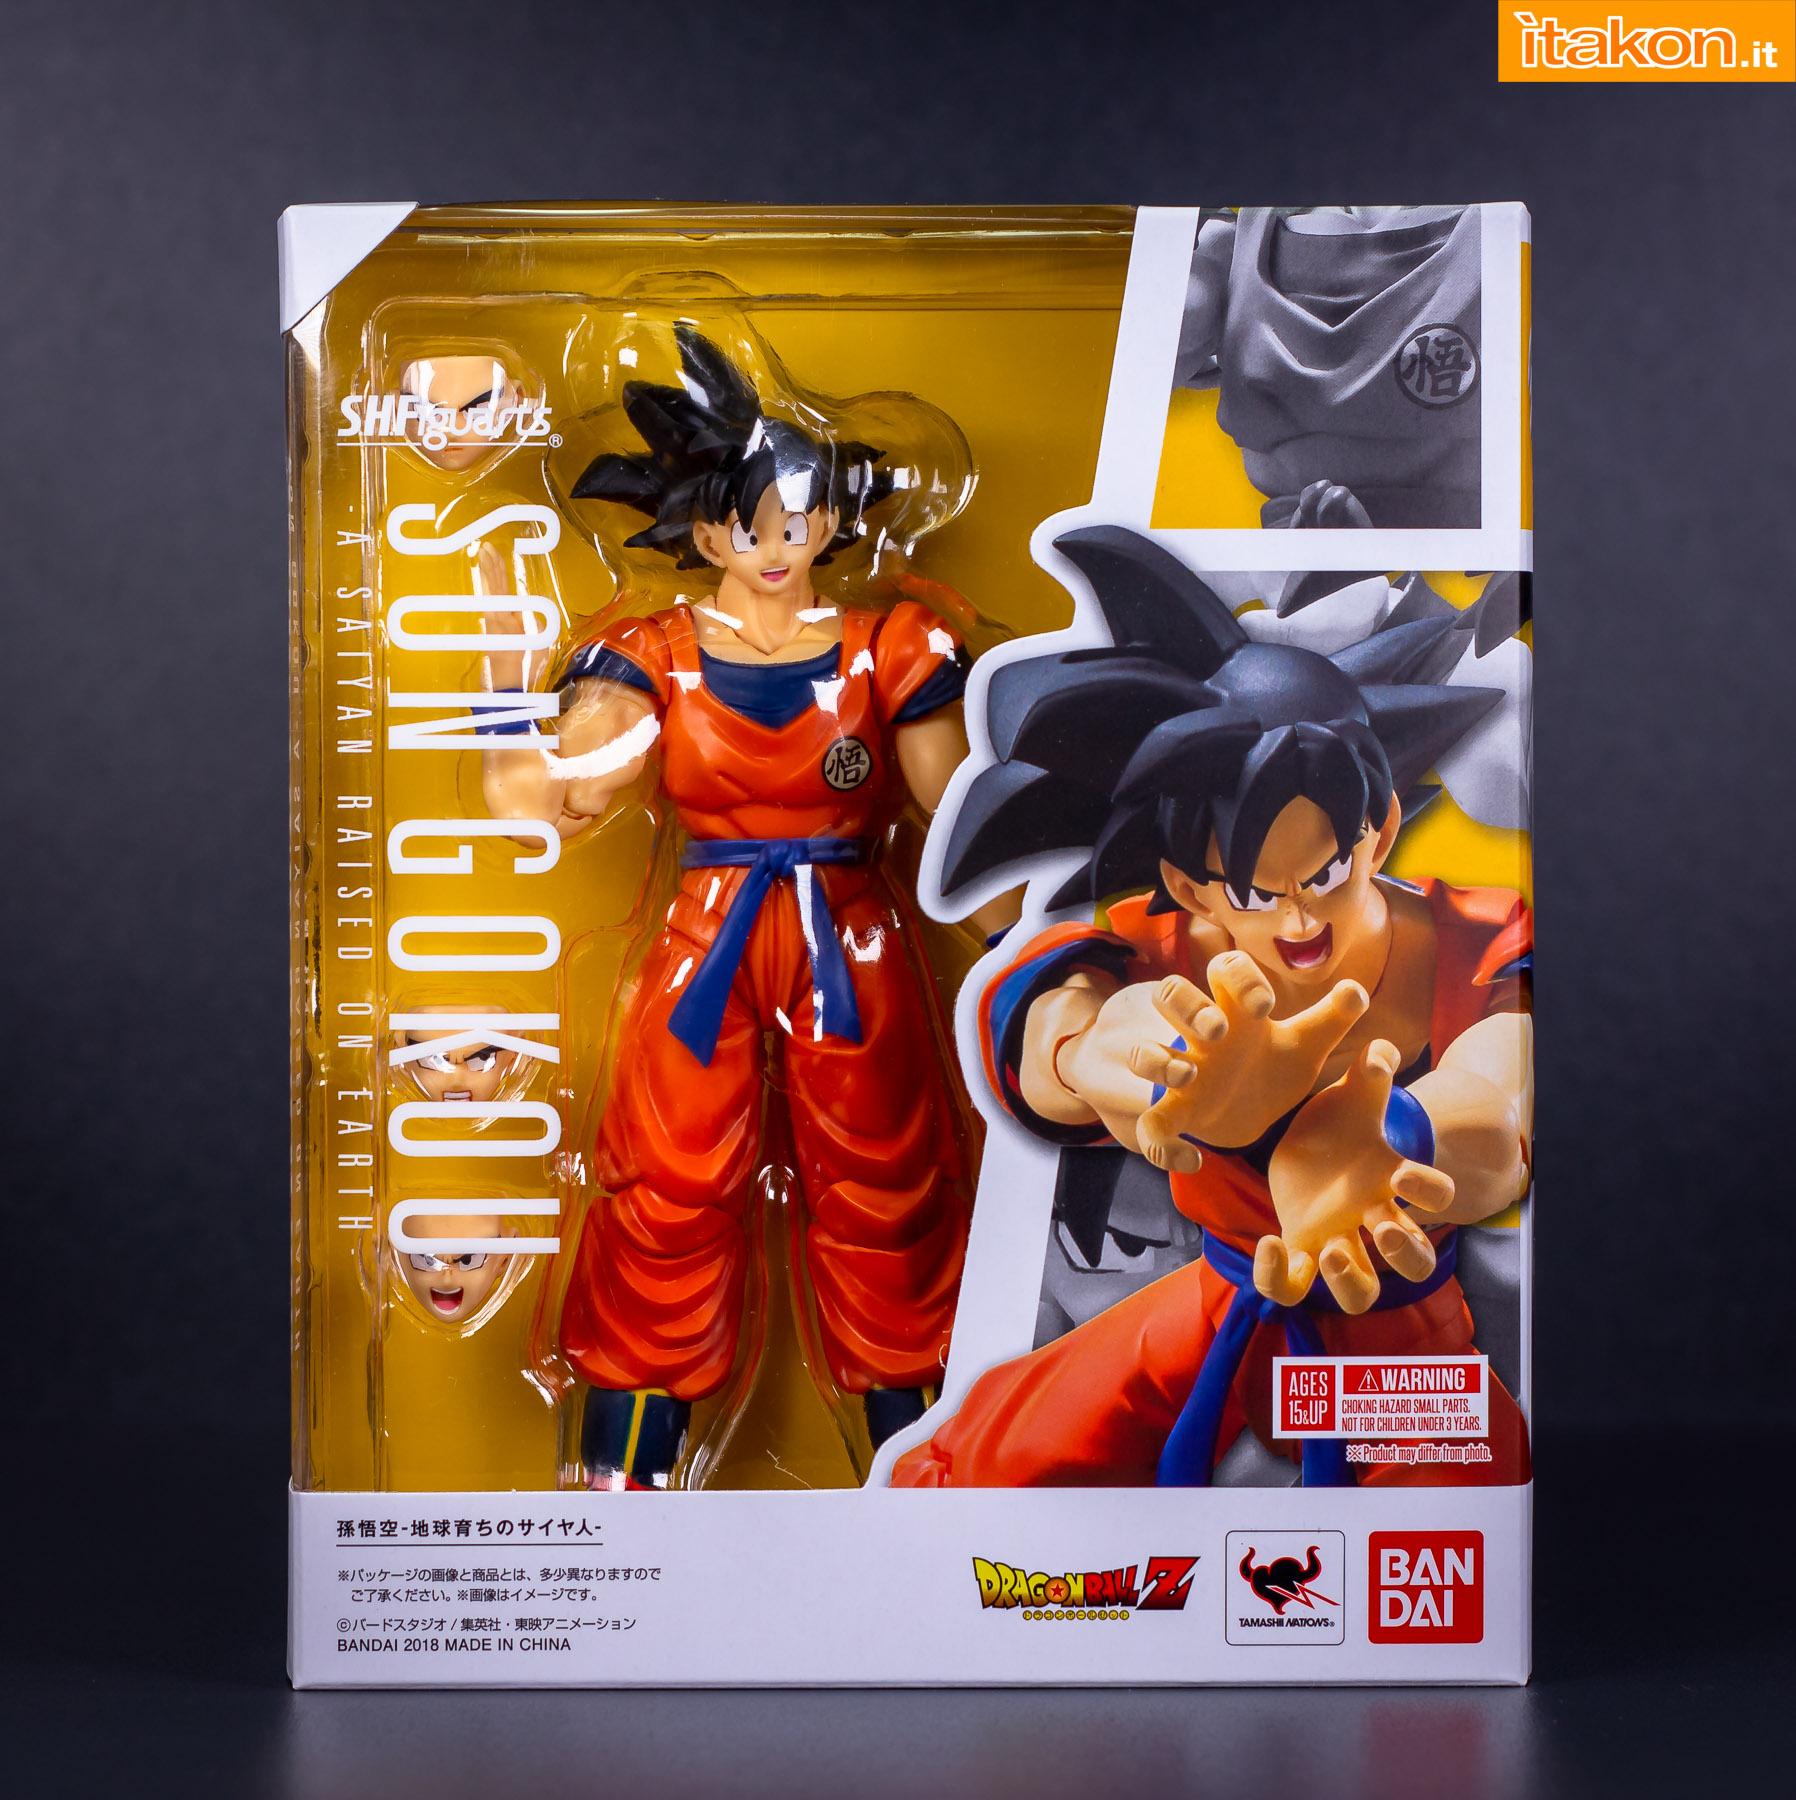 Link a Bandai Son Goku recensione-1